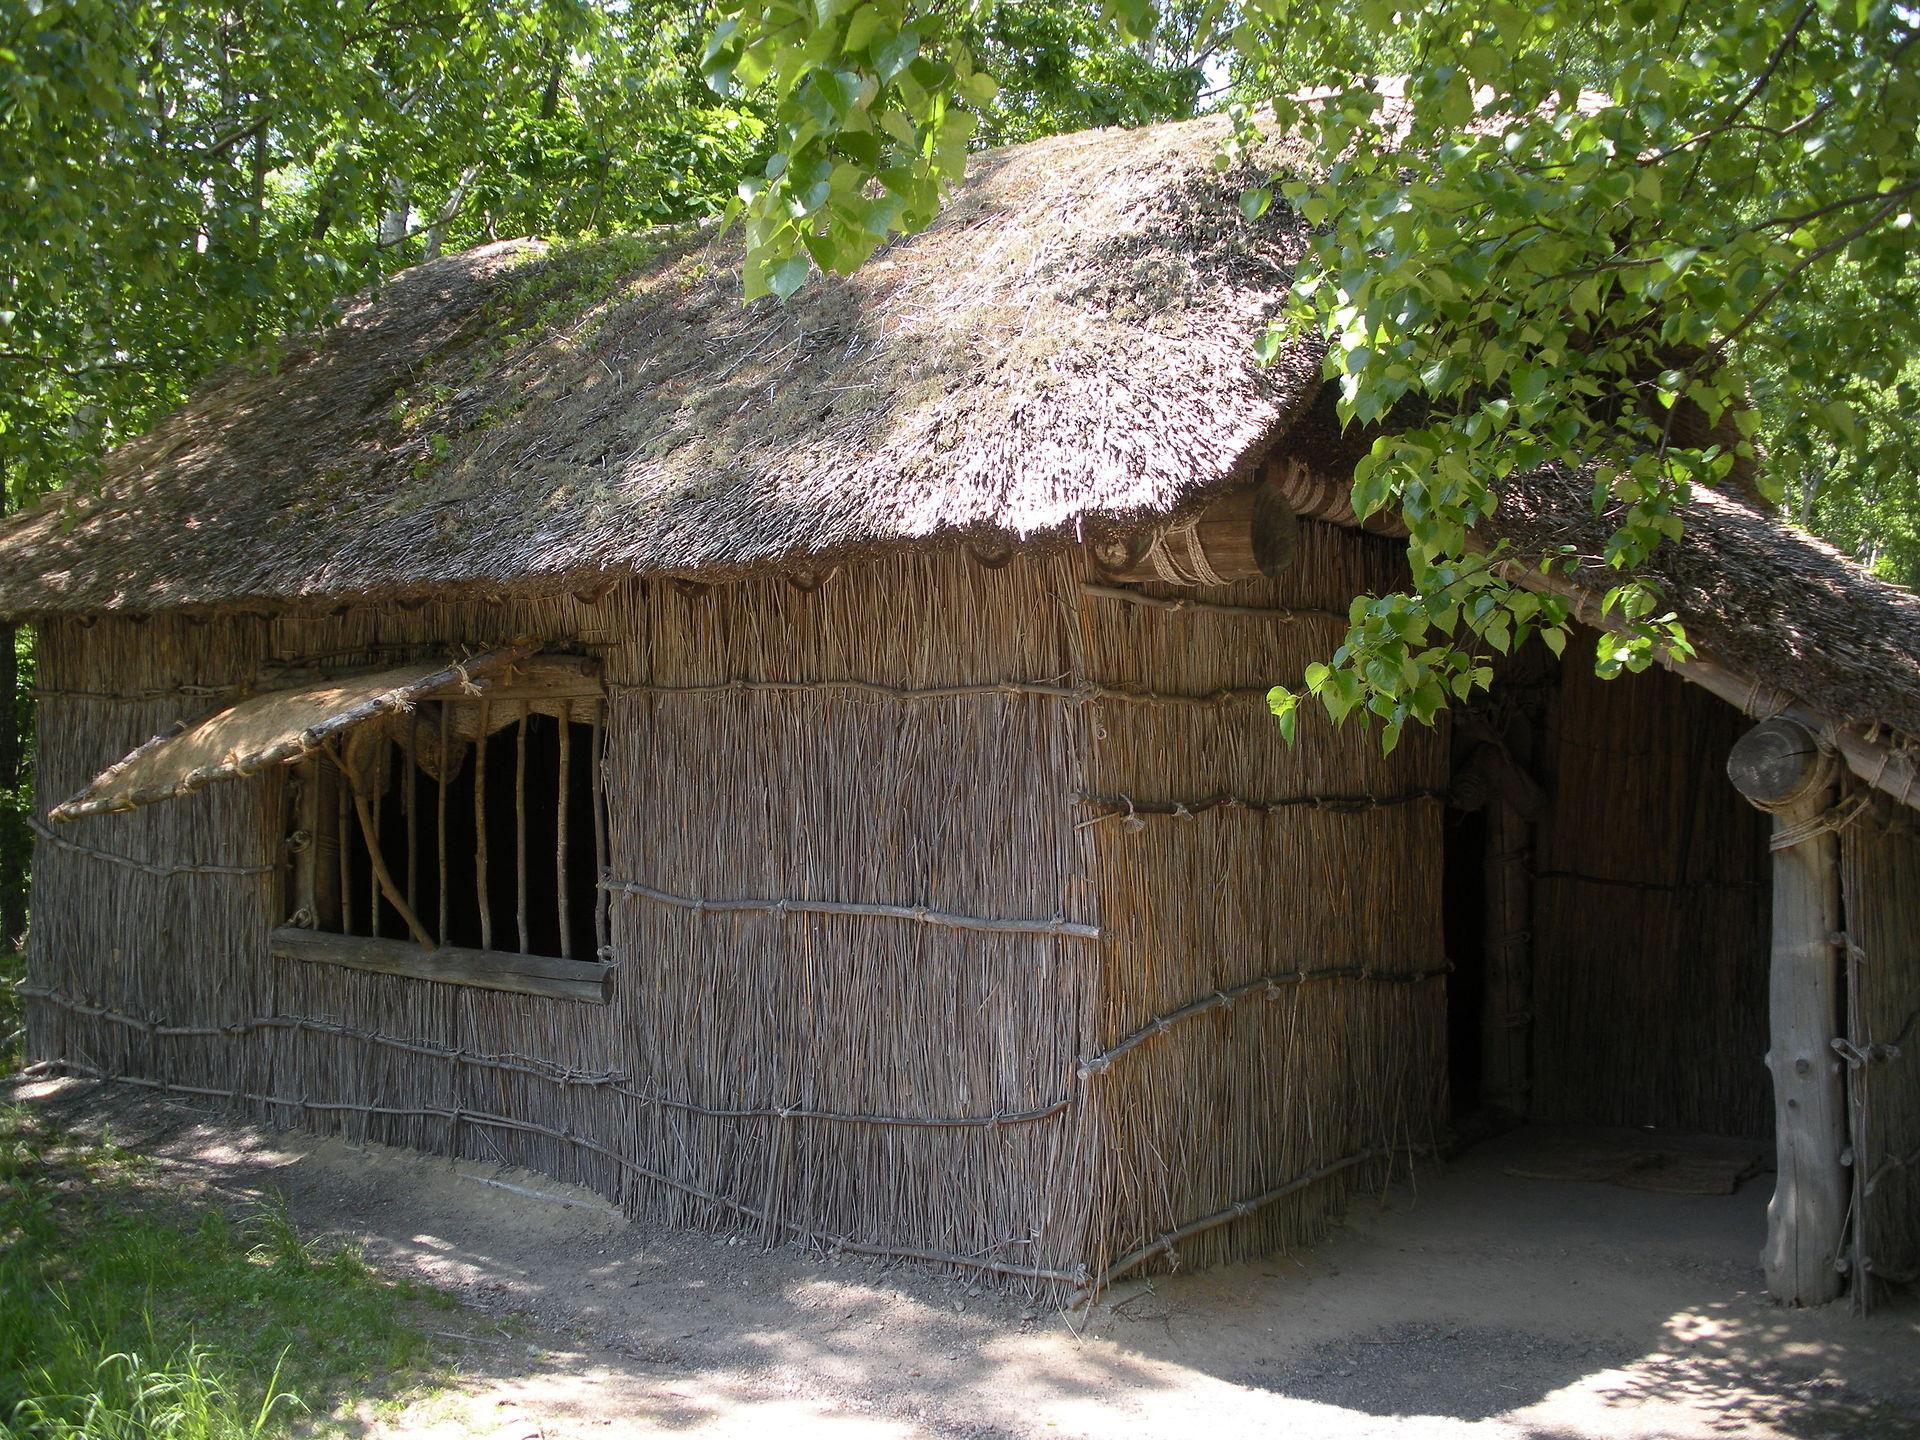 札幌市厚別区の「北海道開拓の村」に再現された、開拓民の小屋。当時の三毛別の家々も、これと似たようなものだった